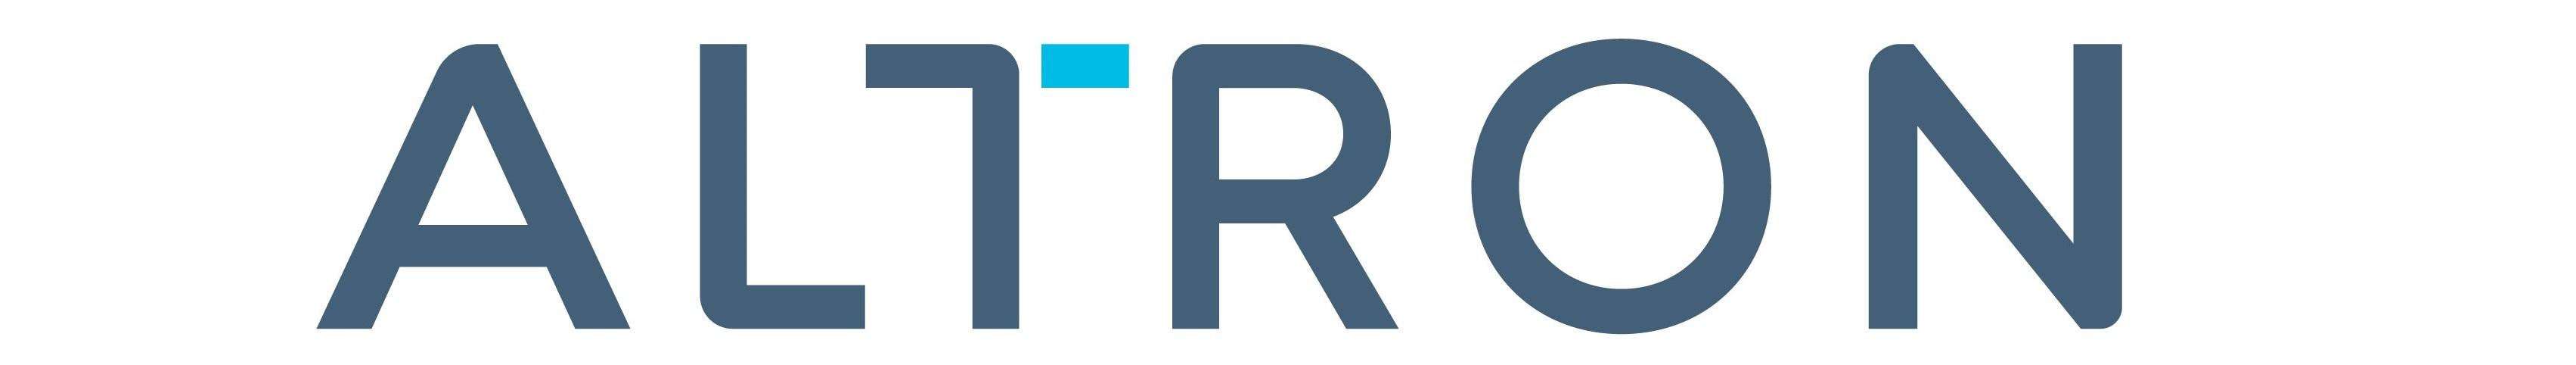 Altron logo